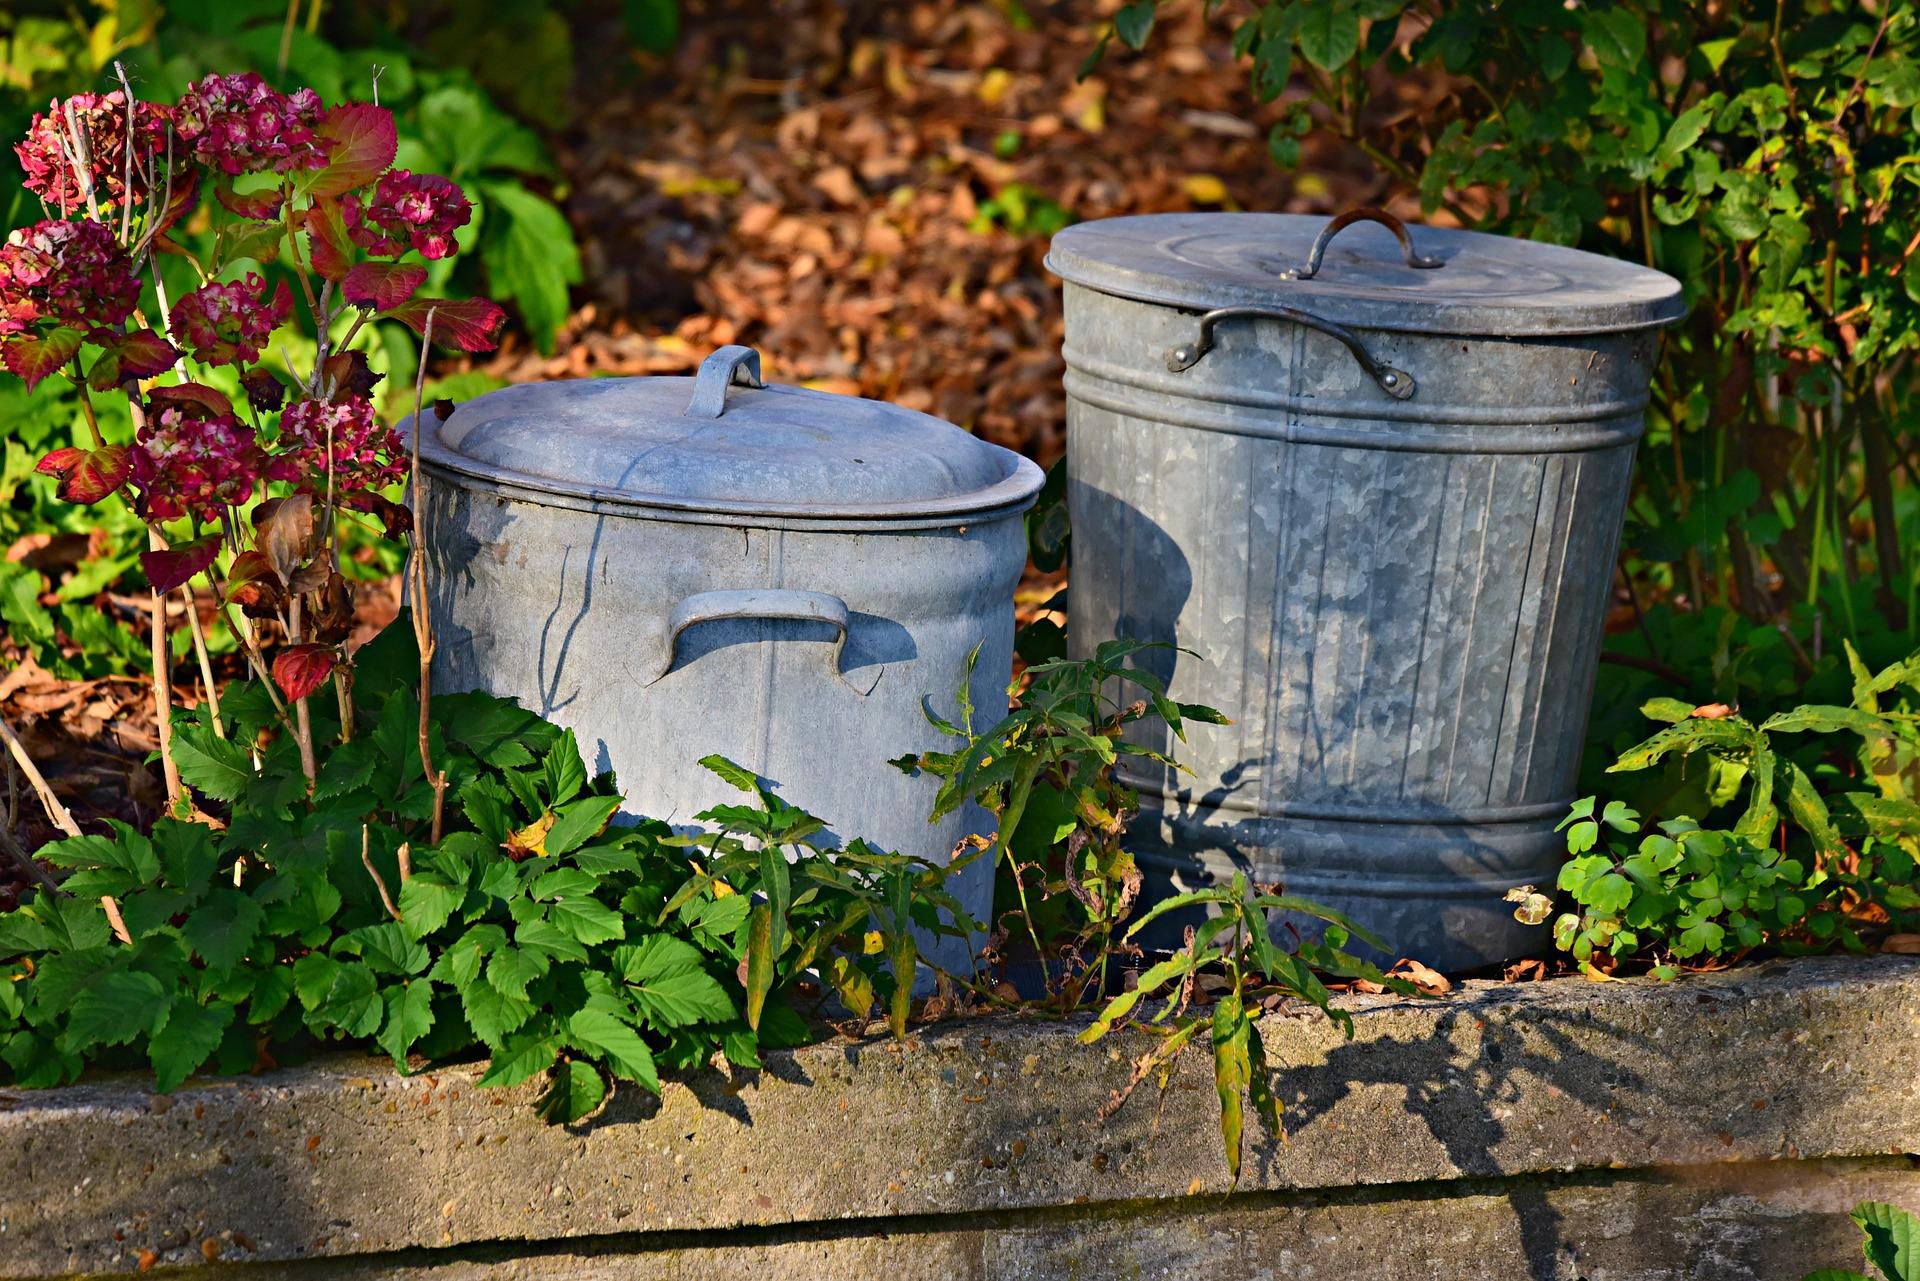 deux poubelles en metal dans un jardin